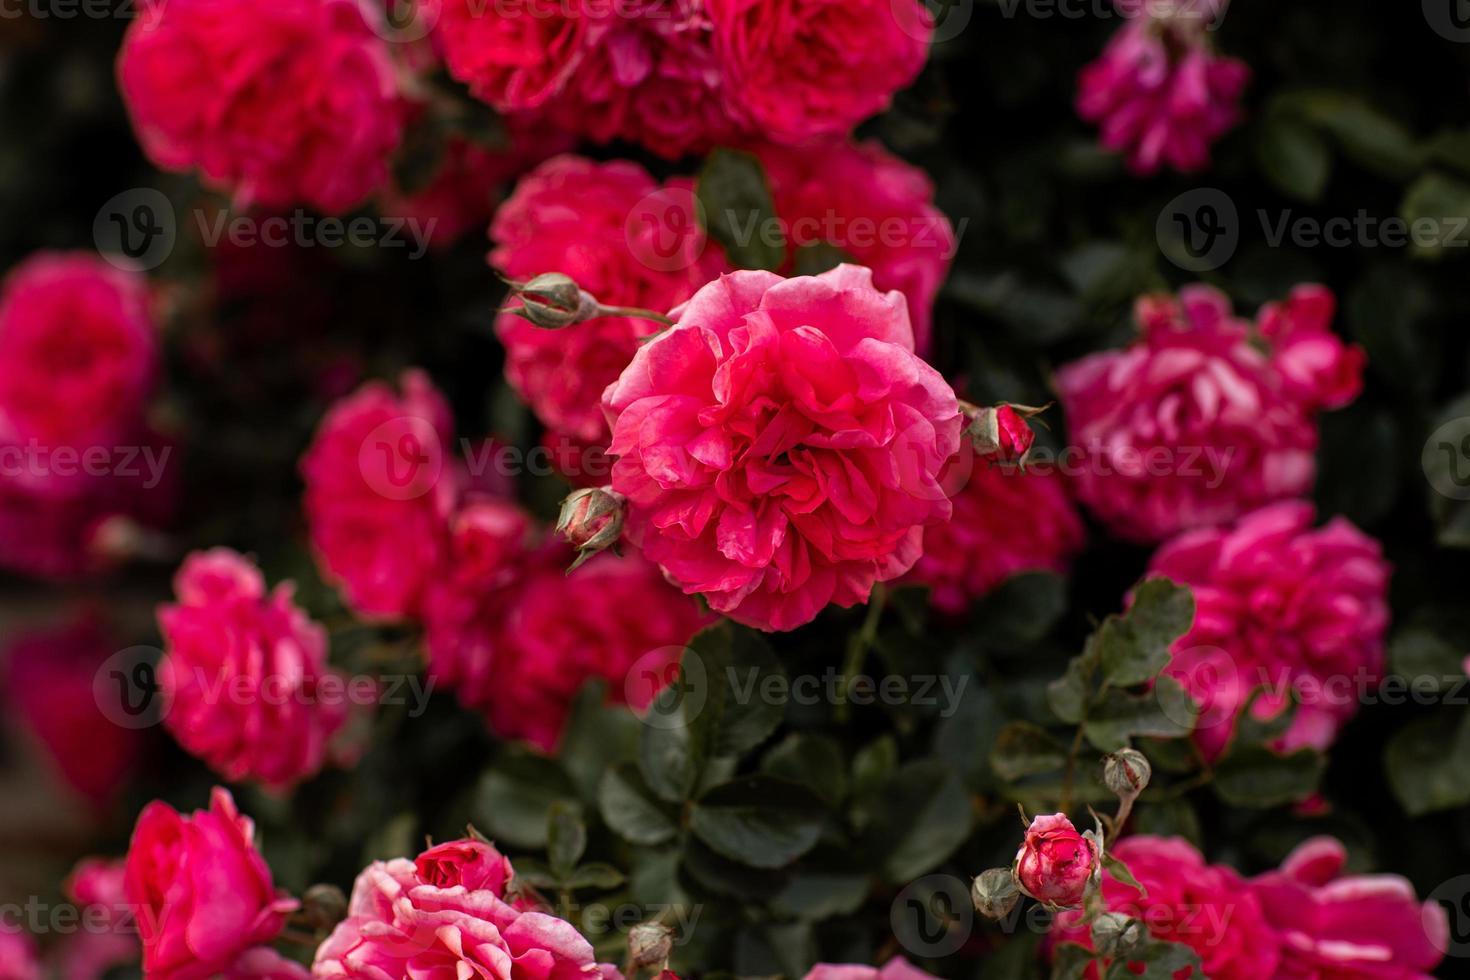 rosier rose florissant, pleine floraison dans le jardin photo